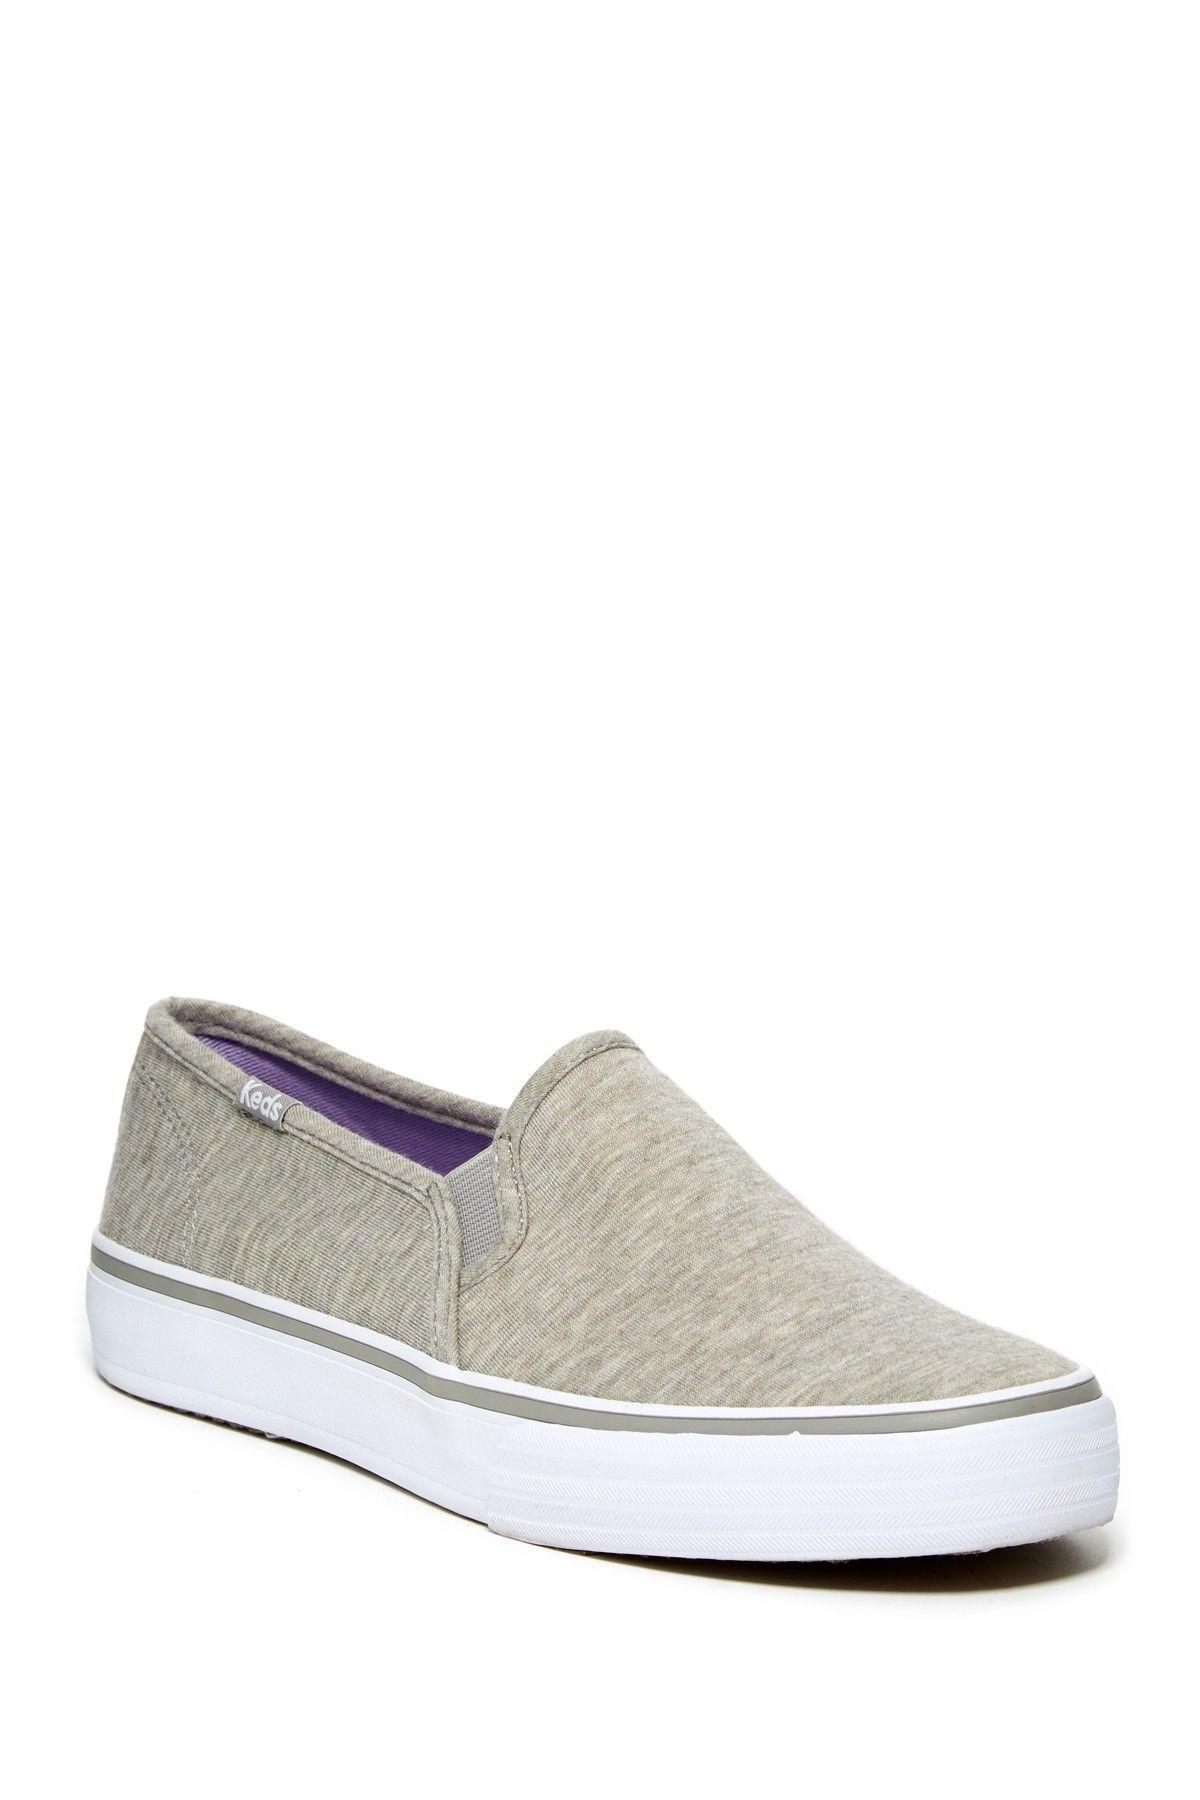 Double Decker Jersey Slip On Sneaker by Keds on @nordstrom_rack